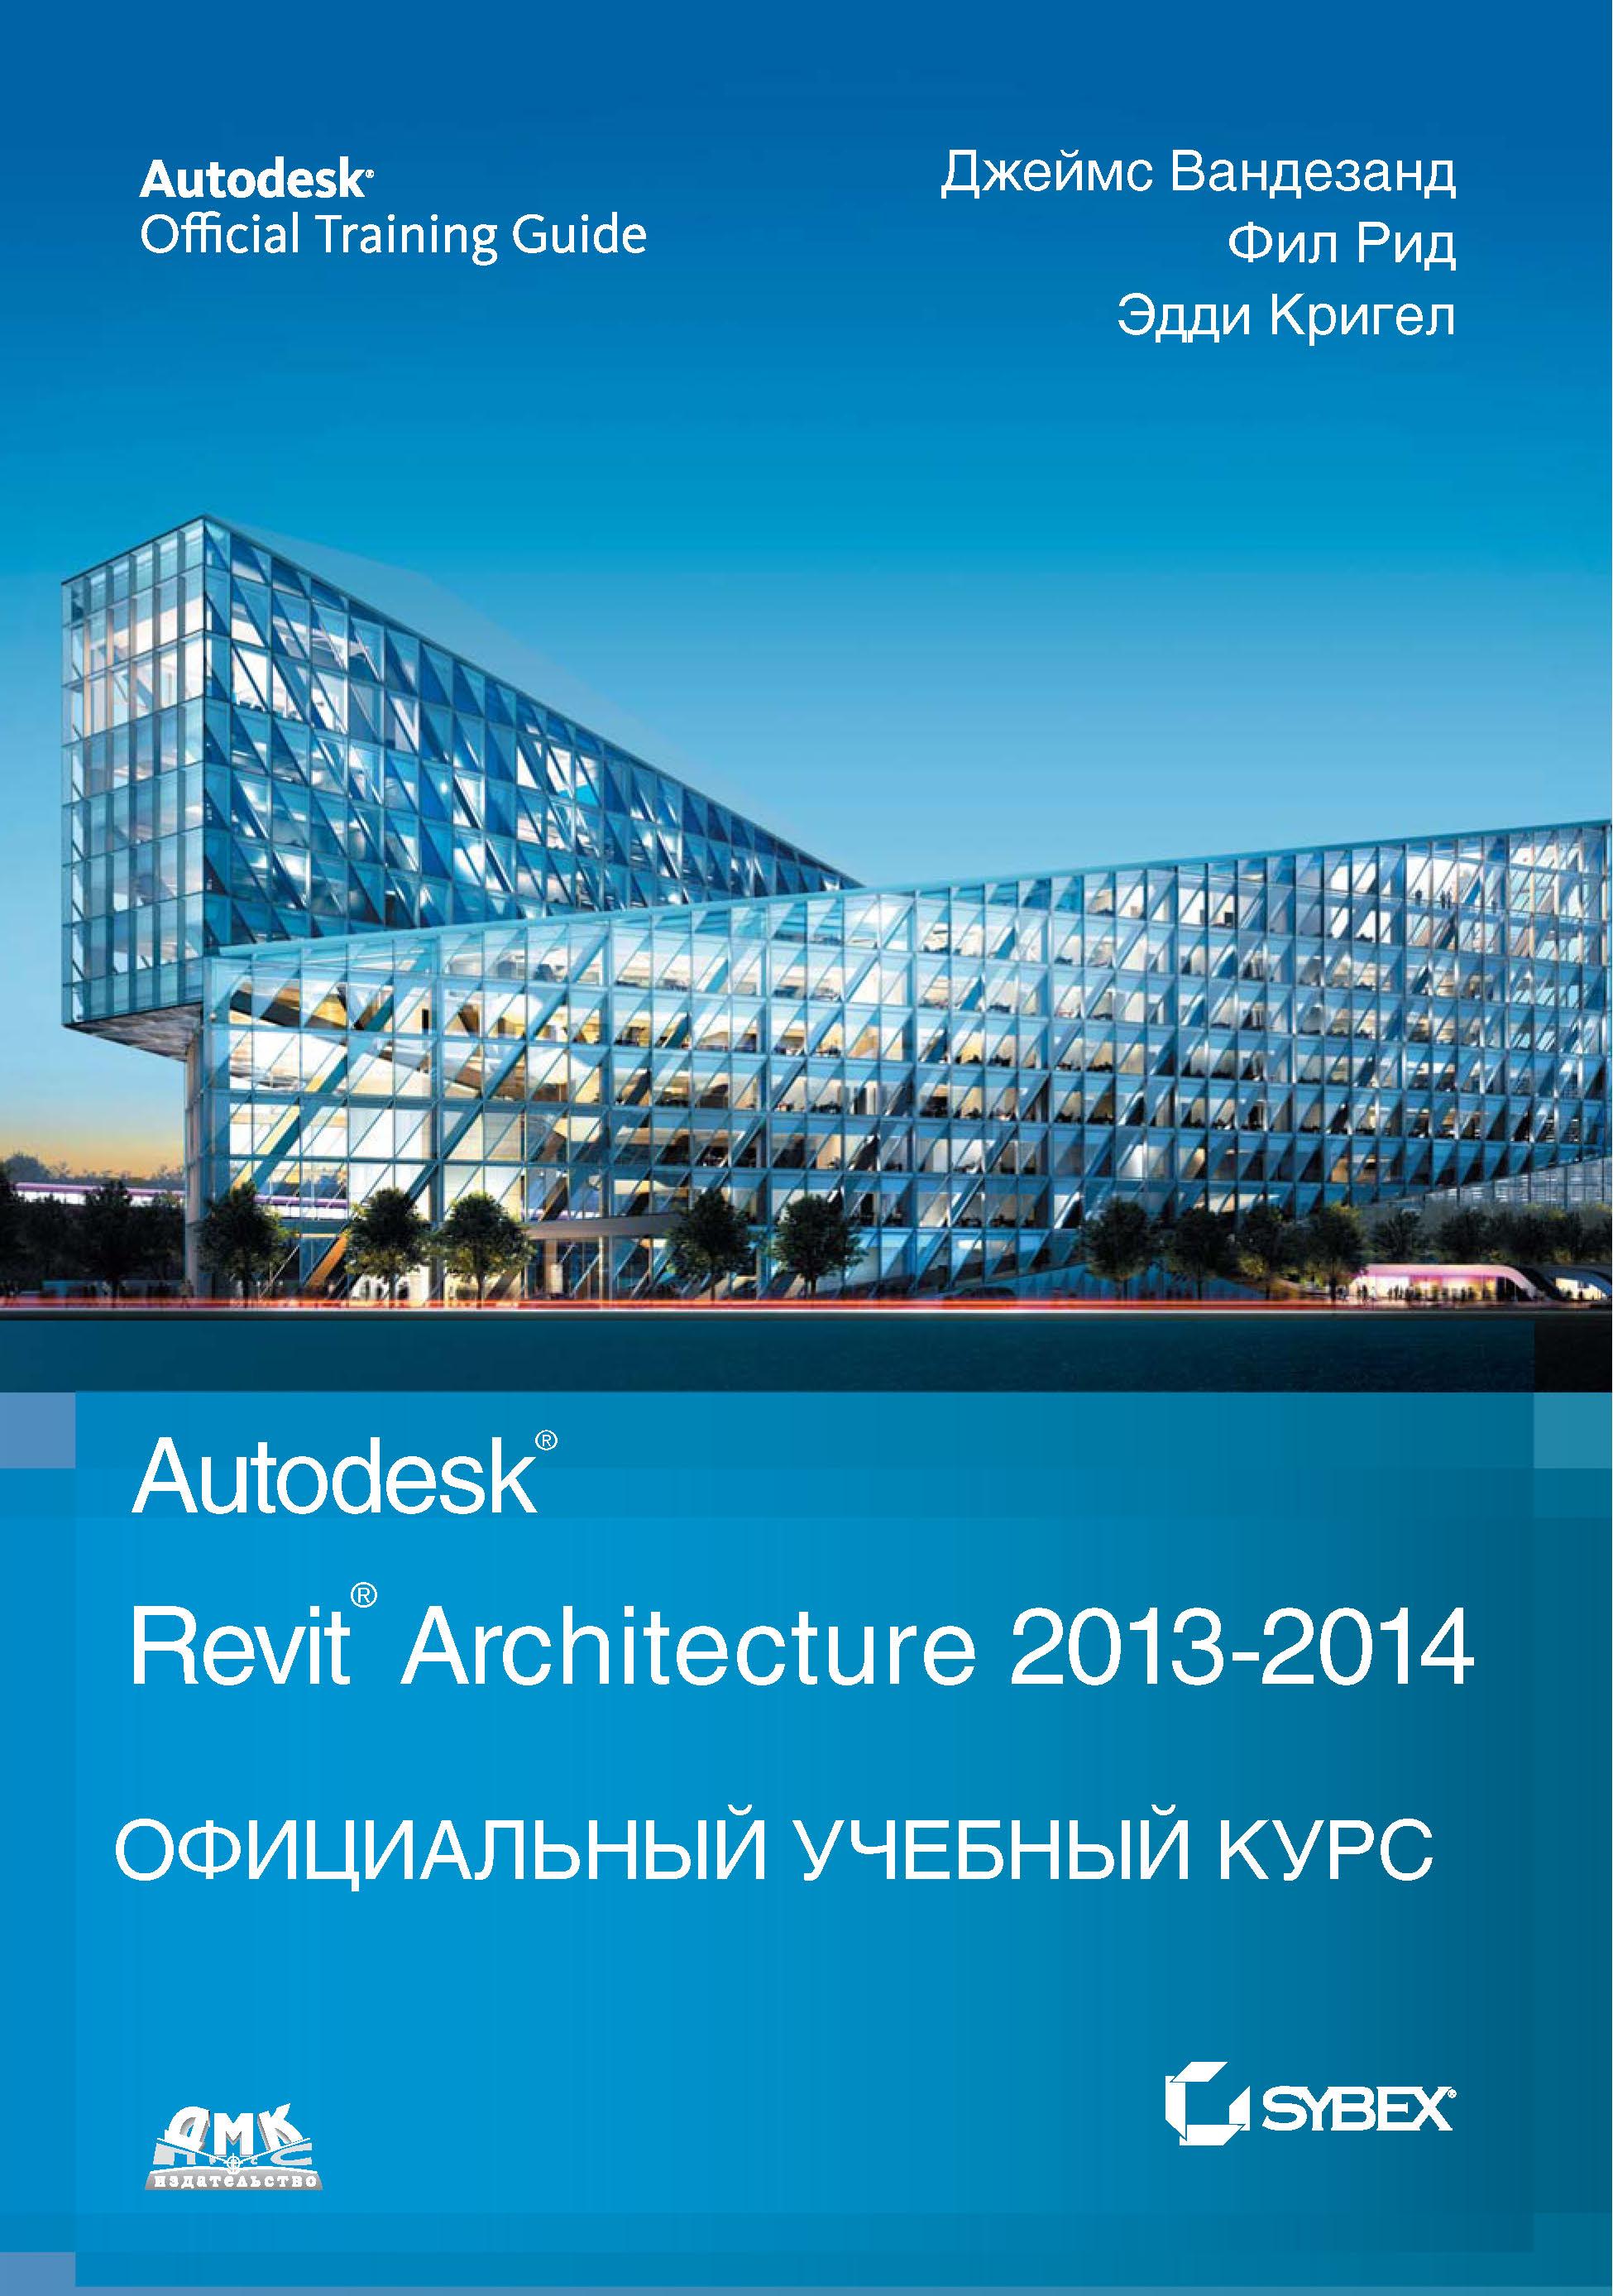 Джеймс Вандезанд Autodesk© Revit© Architecture 2013–2014 джеймс вандезанд фил рид эдди кригел autodesk revit architecture официальный учебный курс